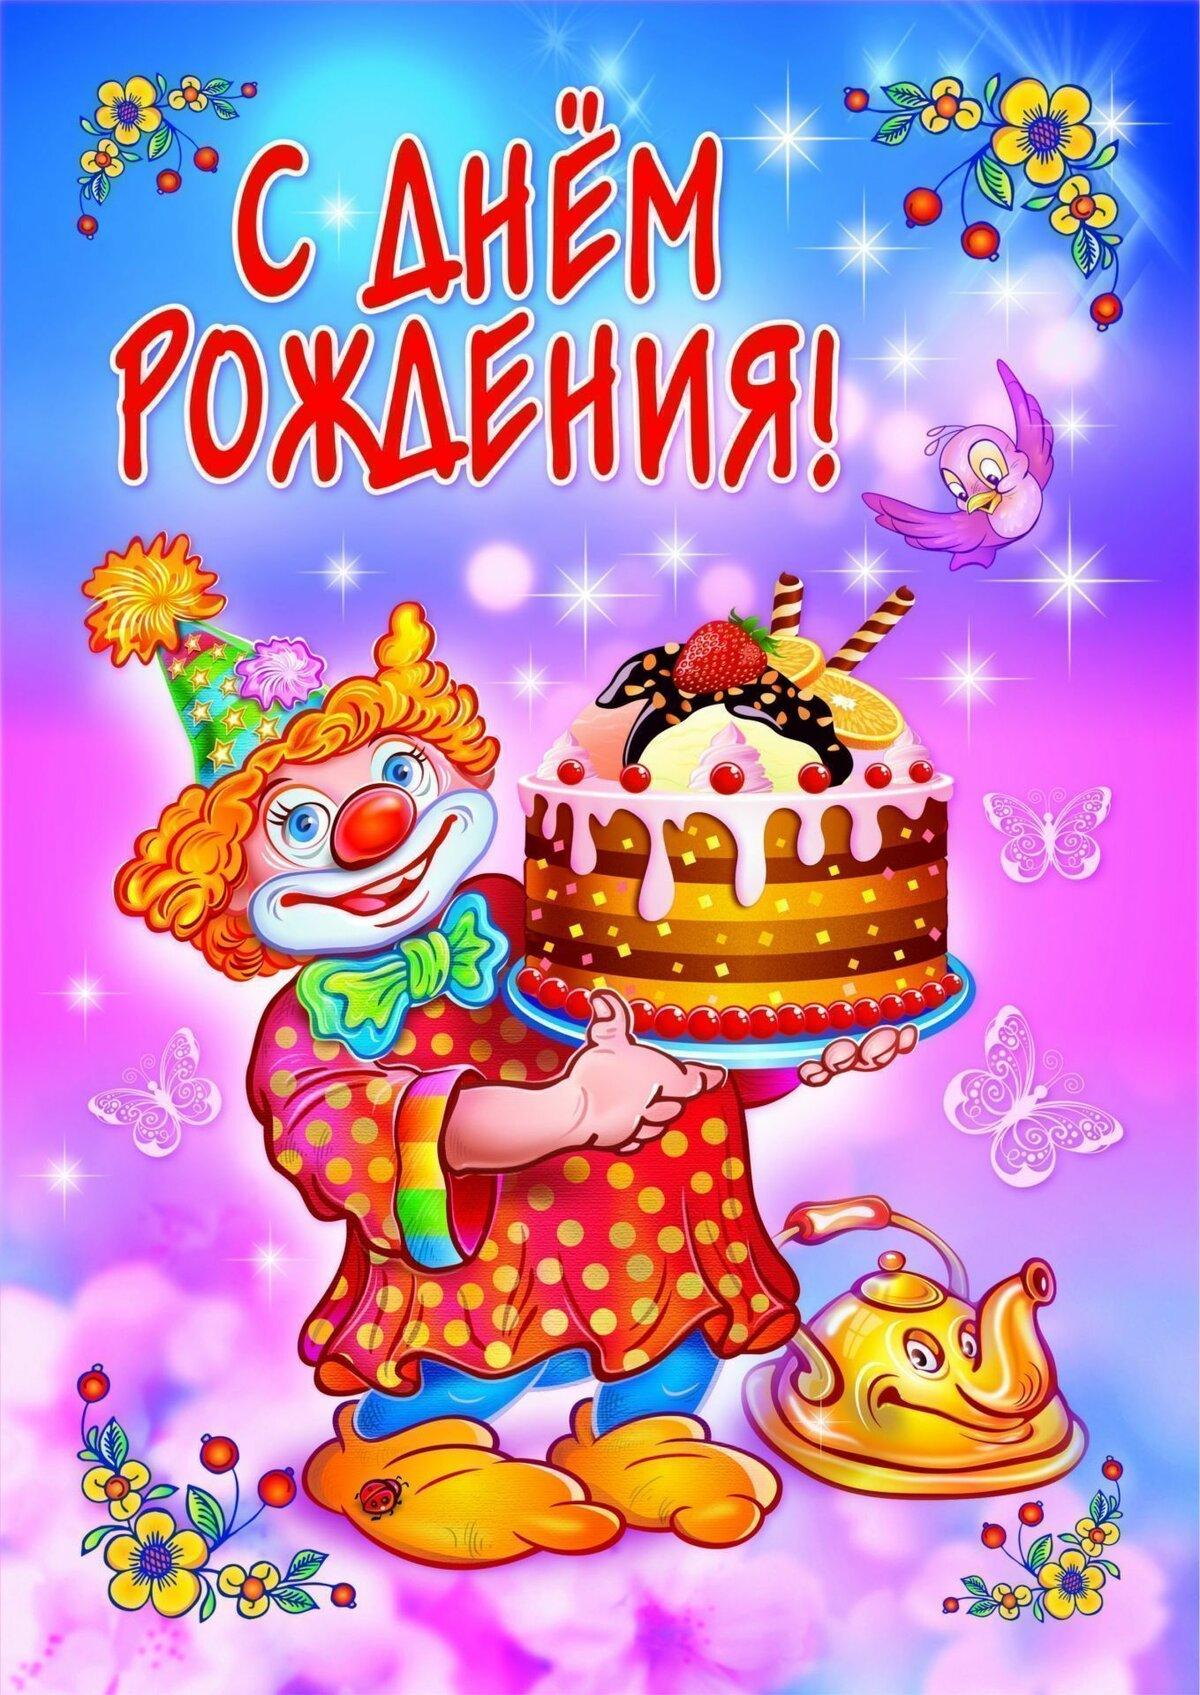 Картинки для детей для поздравления